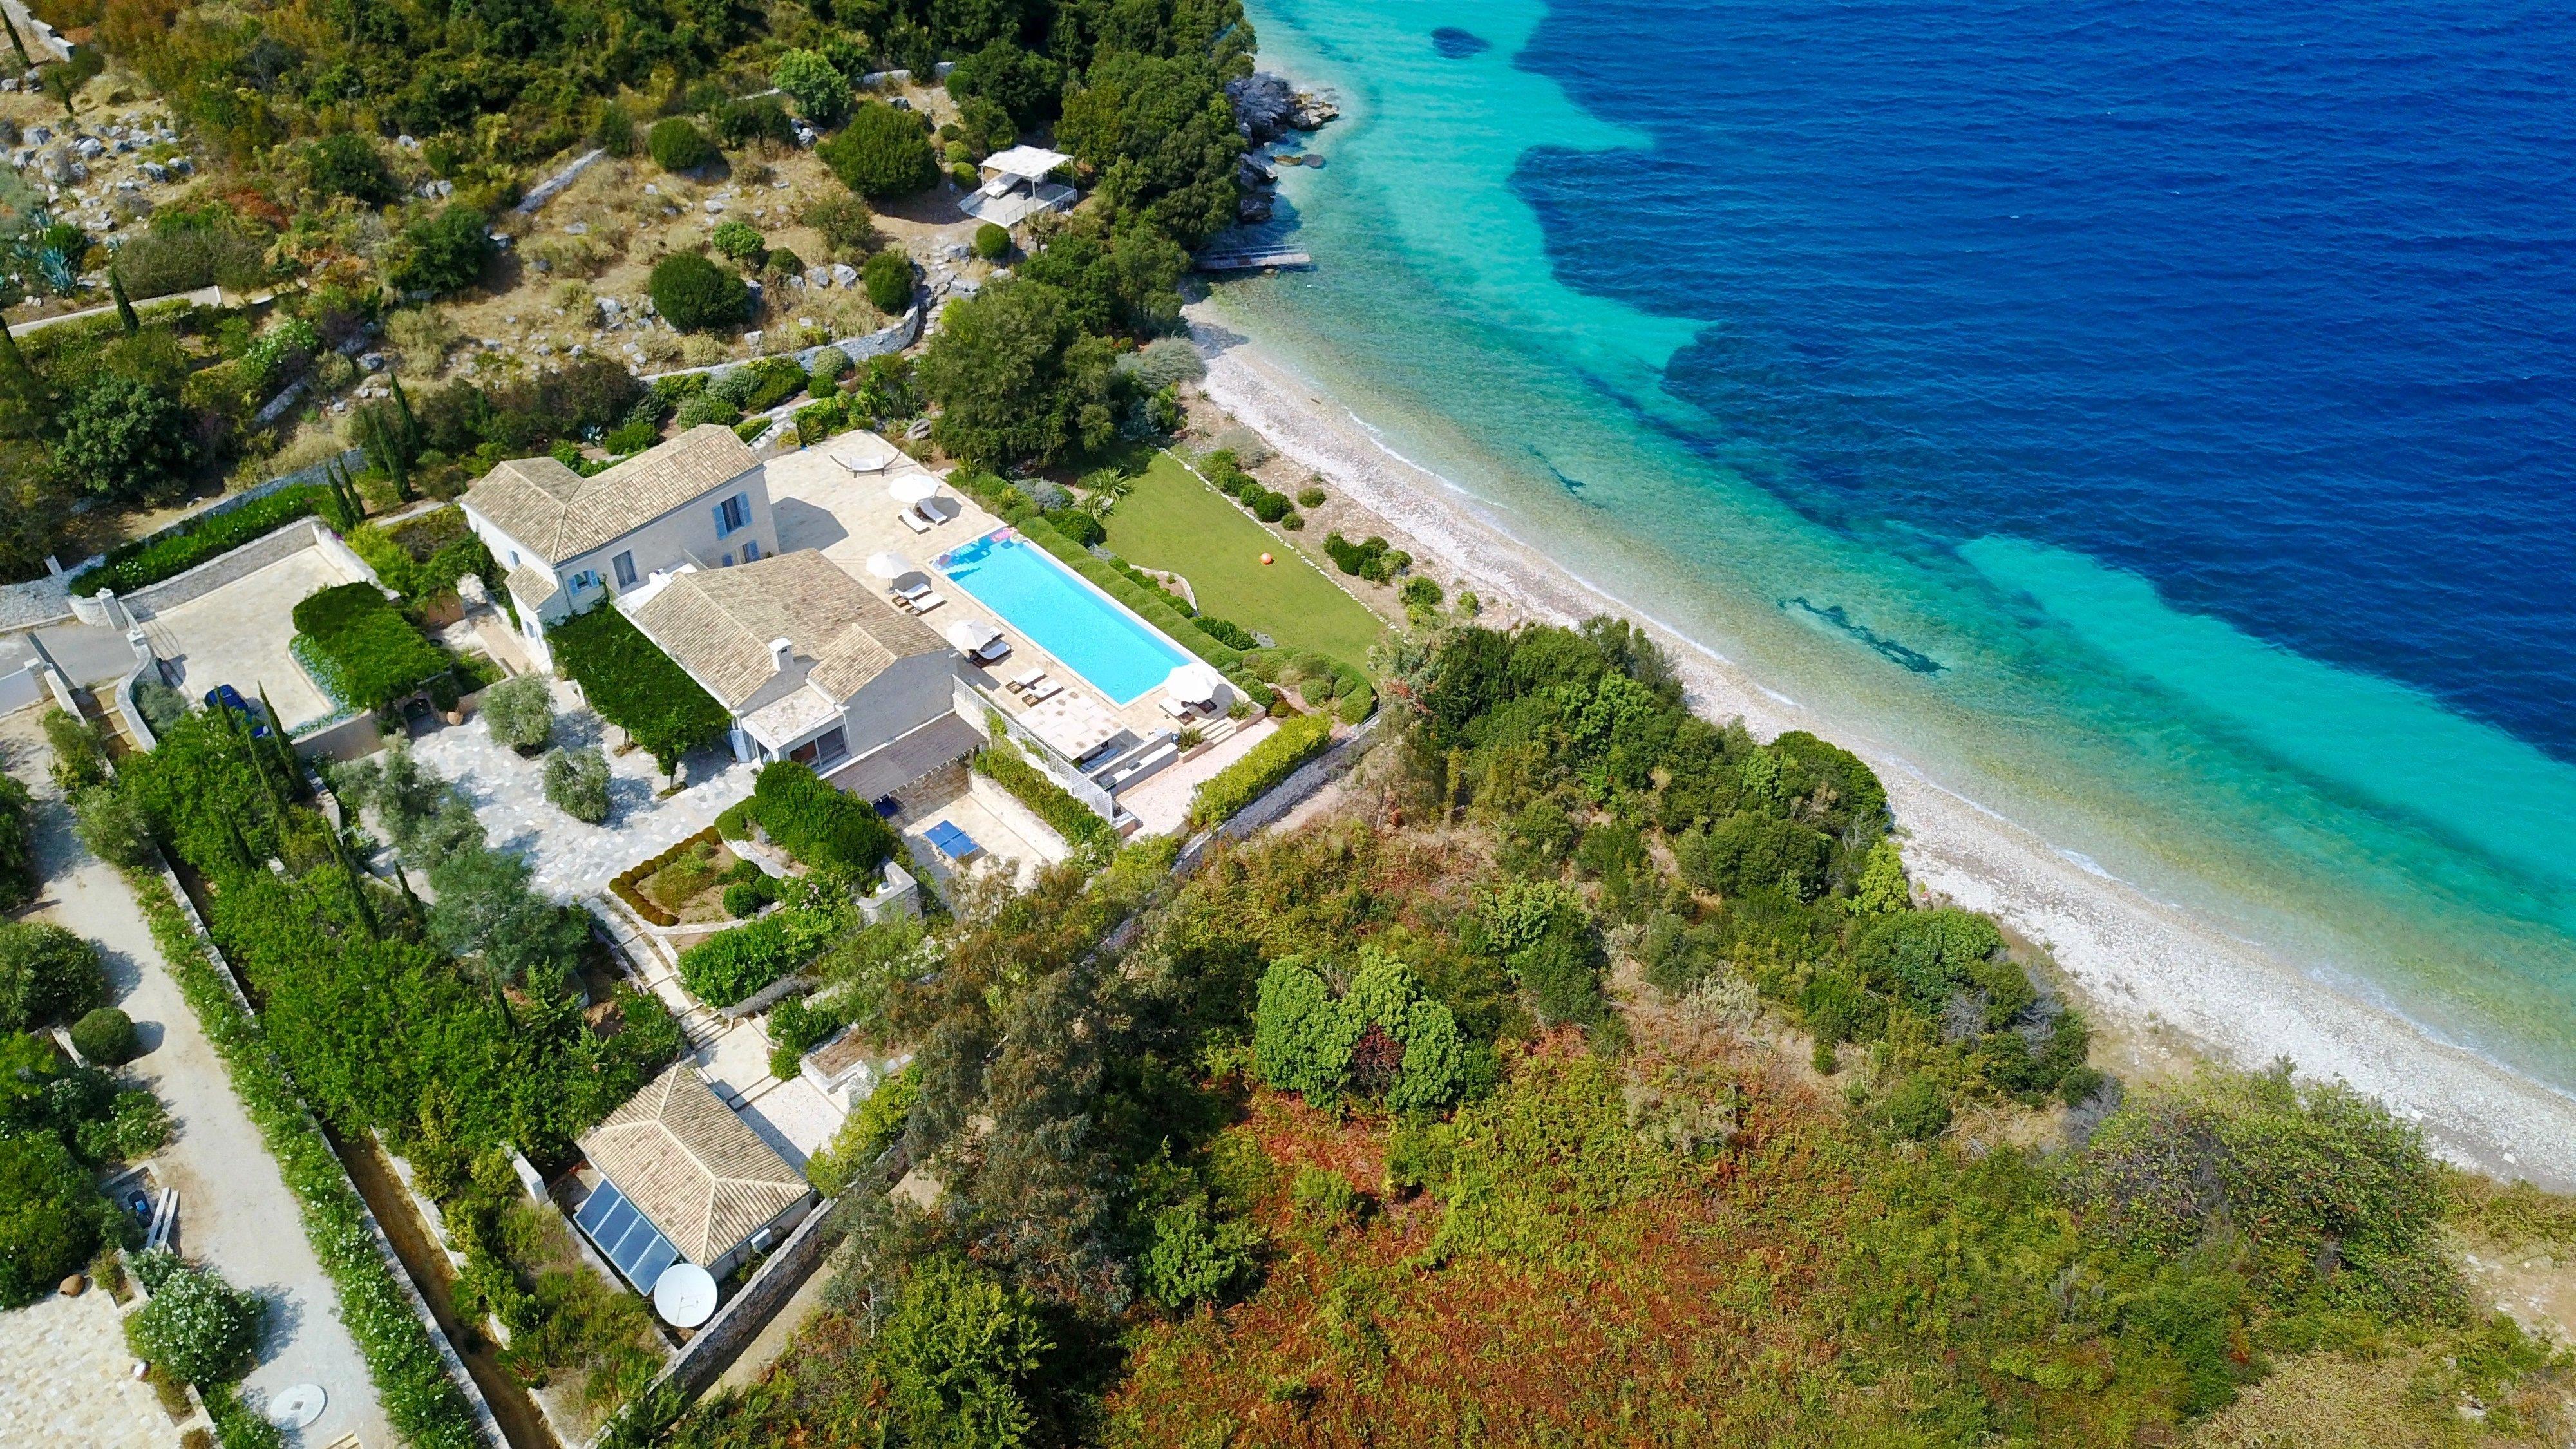 ...και βίλα με πισίνα - και μία ονειρική παραλία με άμμο στα πόδια σου. Ενα από τα πανάκριβα ακίνητα - αριστουργήματα, που θα ανακαλύψει κανείς στην ιστοσελίδα της Sotheby's Greece. Δίπλα σε έναν αριθμό με πολλά μηδενικά.